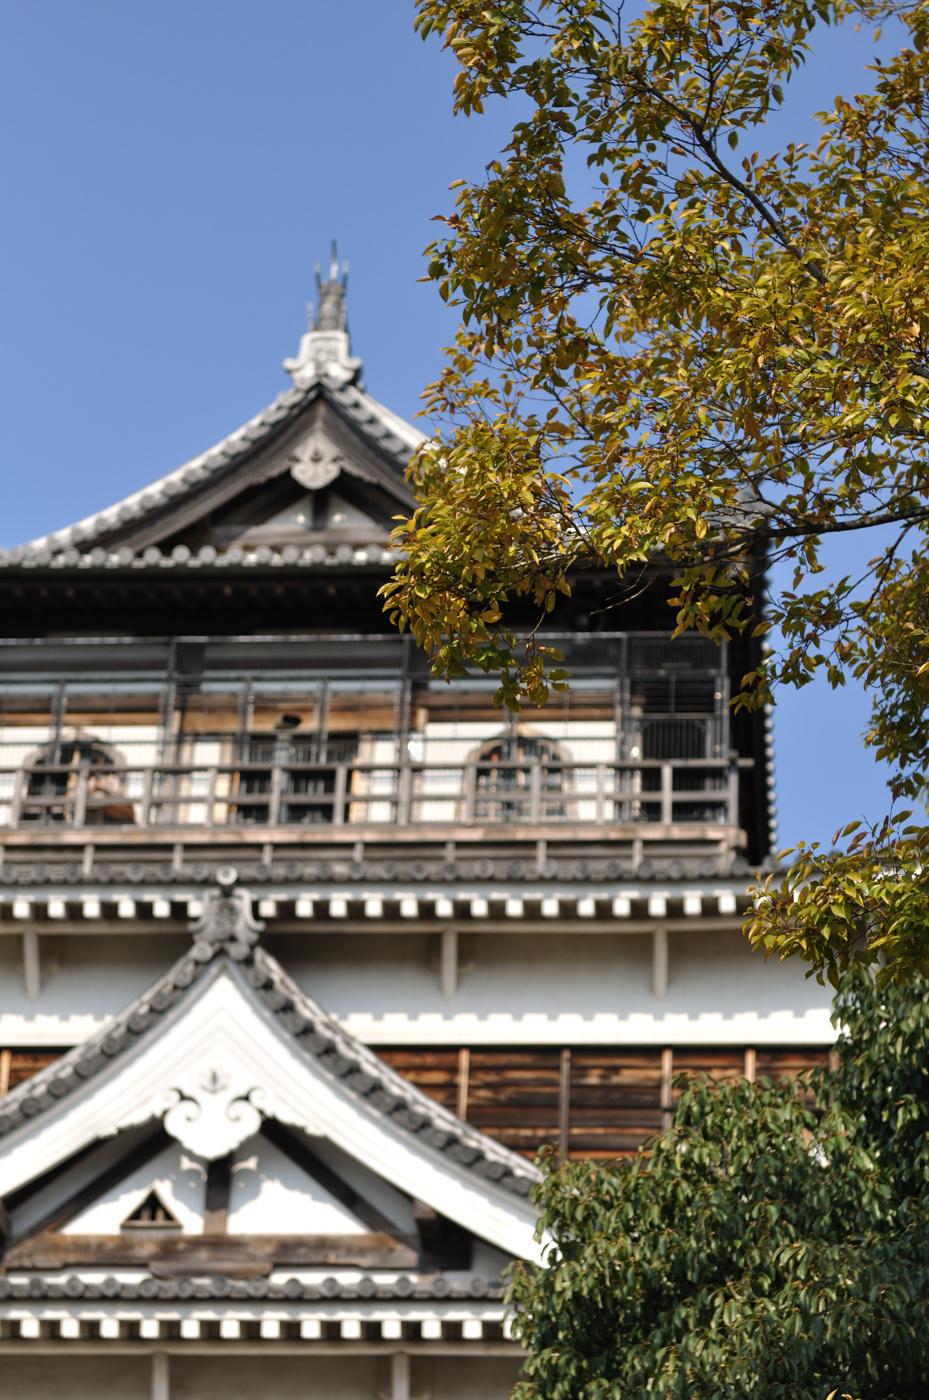 ボケと広島城の天守閣